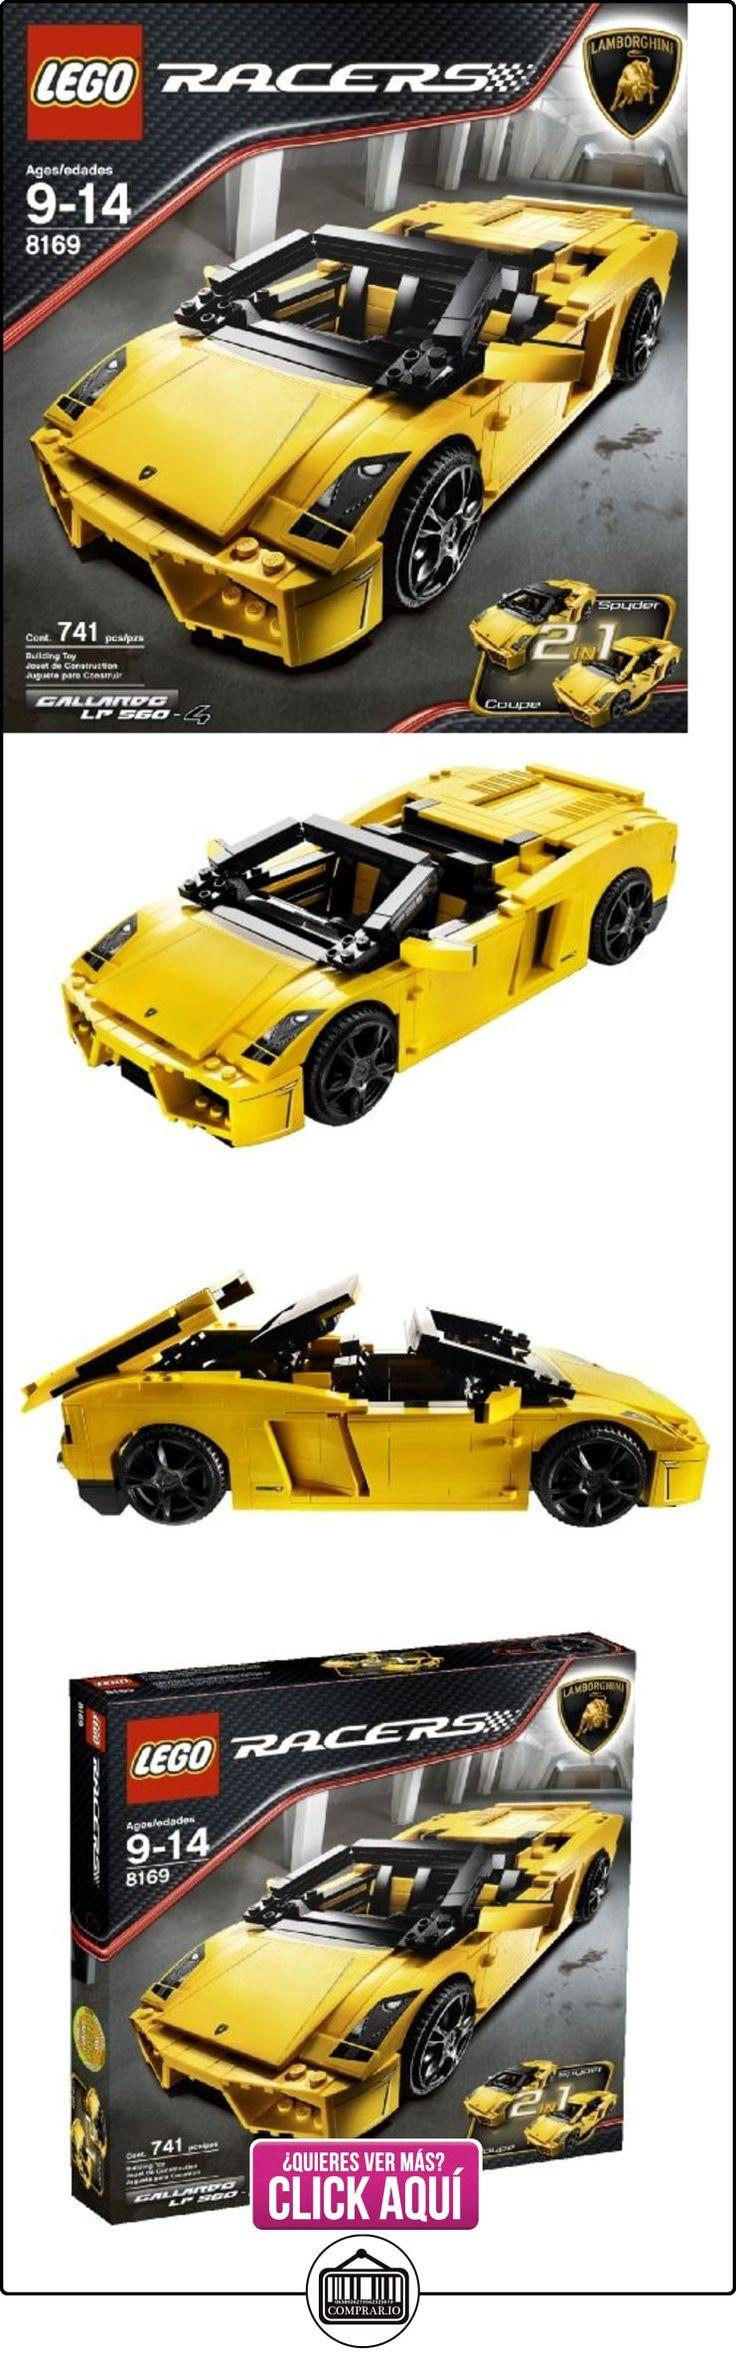 Lego racers lamborghini gallardo lp 560 4 8169 by lego lego